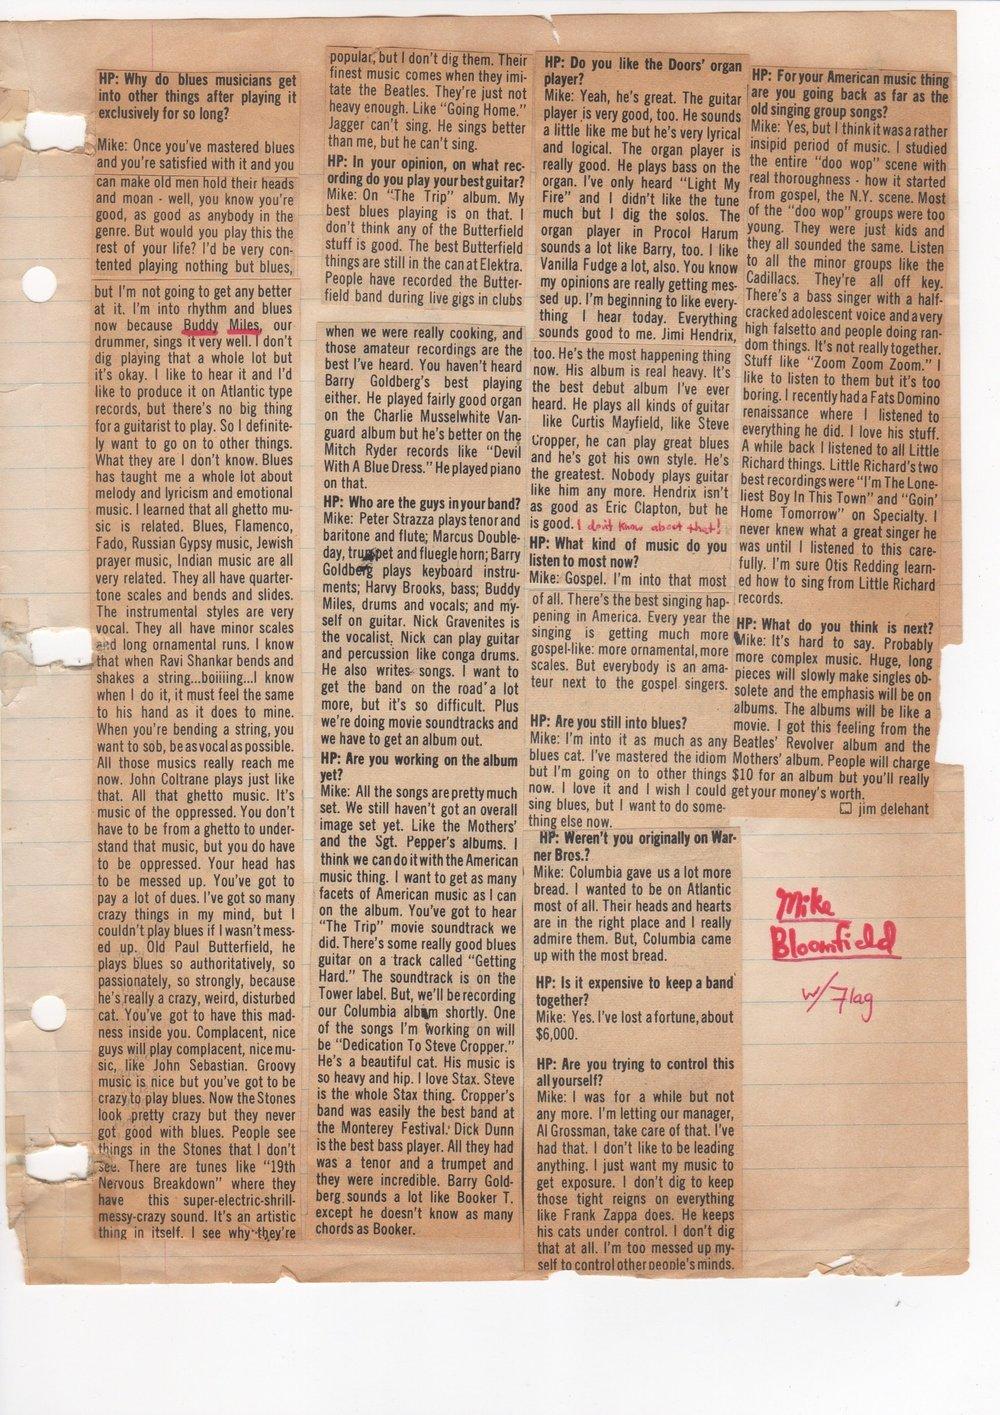 NB1_Page64.jpeg